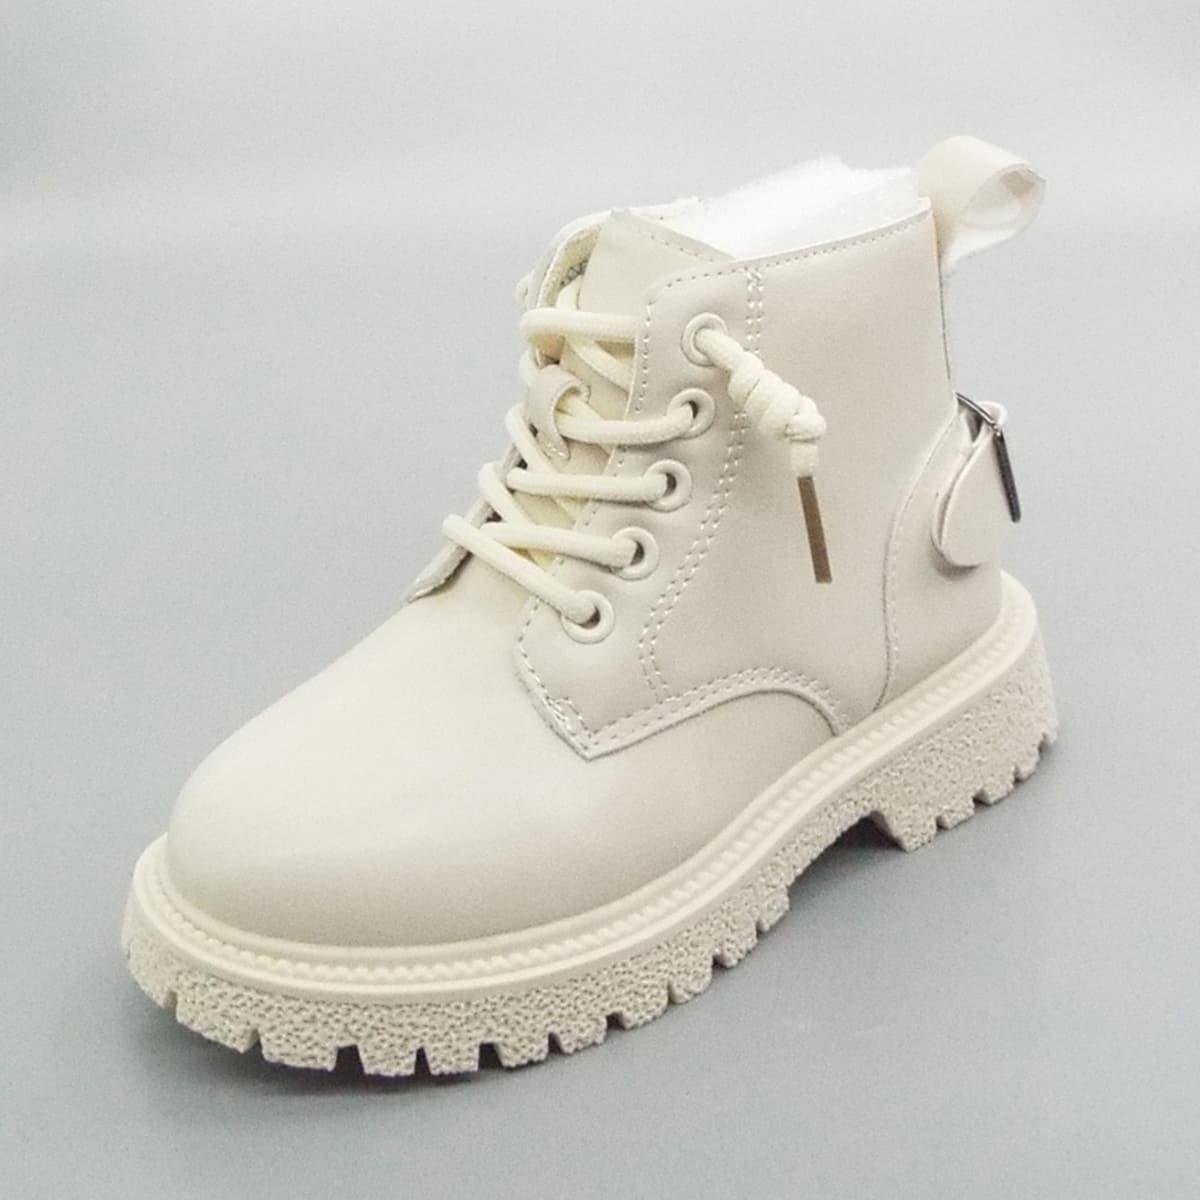 Ботинки для мальчиков с пряжкой SheIn sk2108101833109143